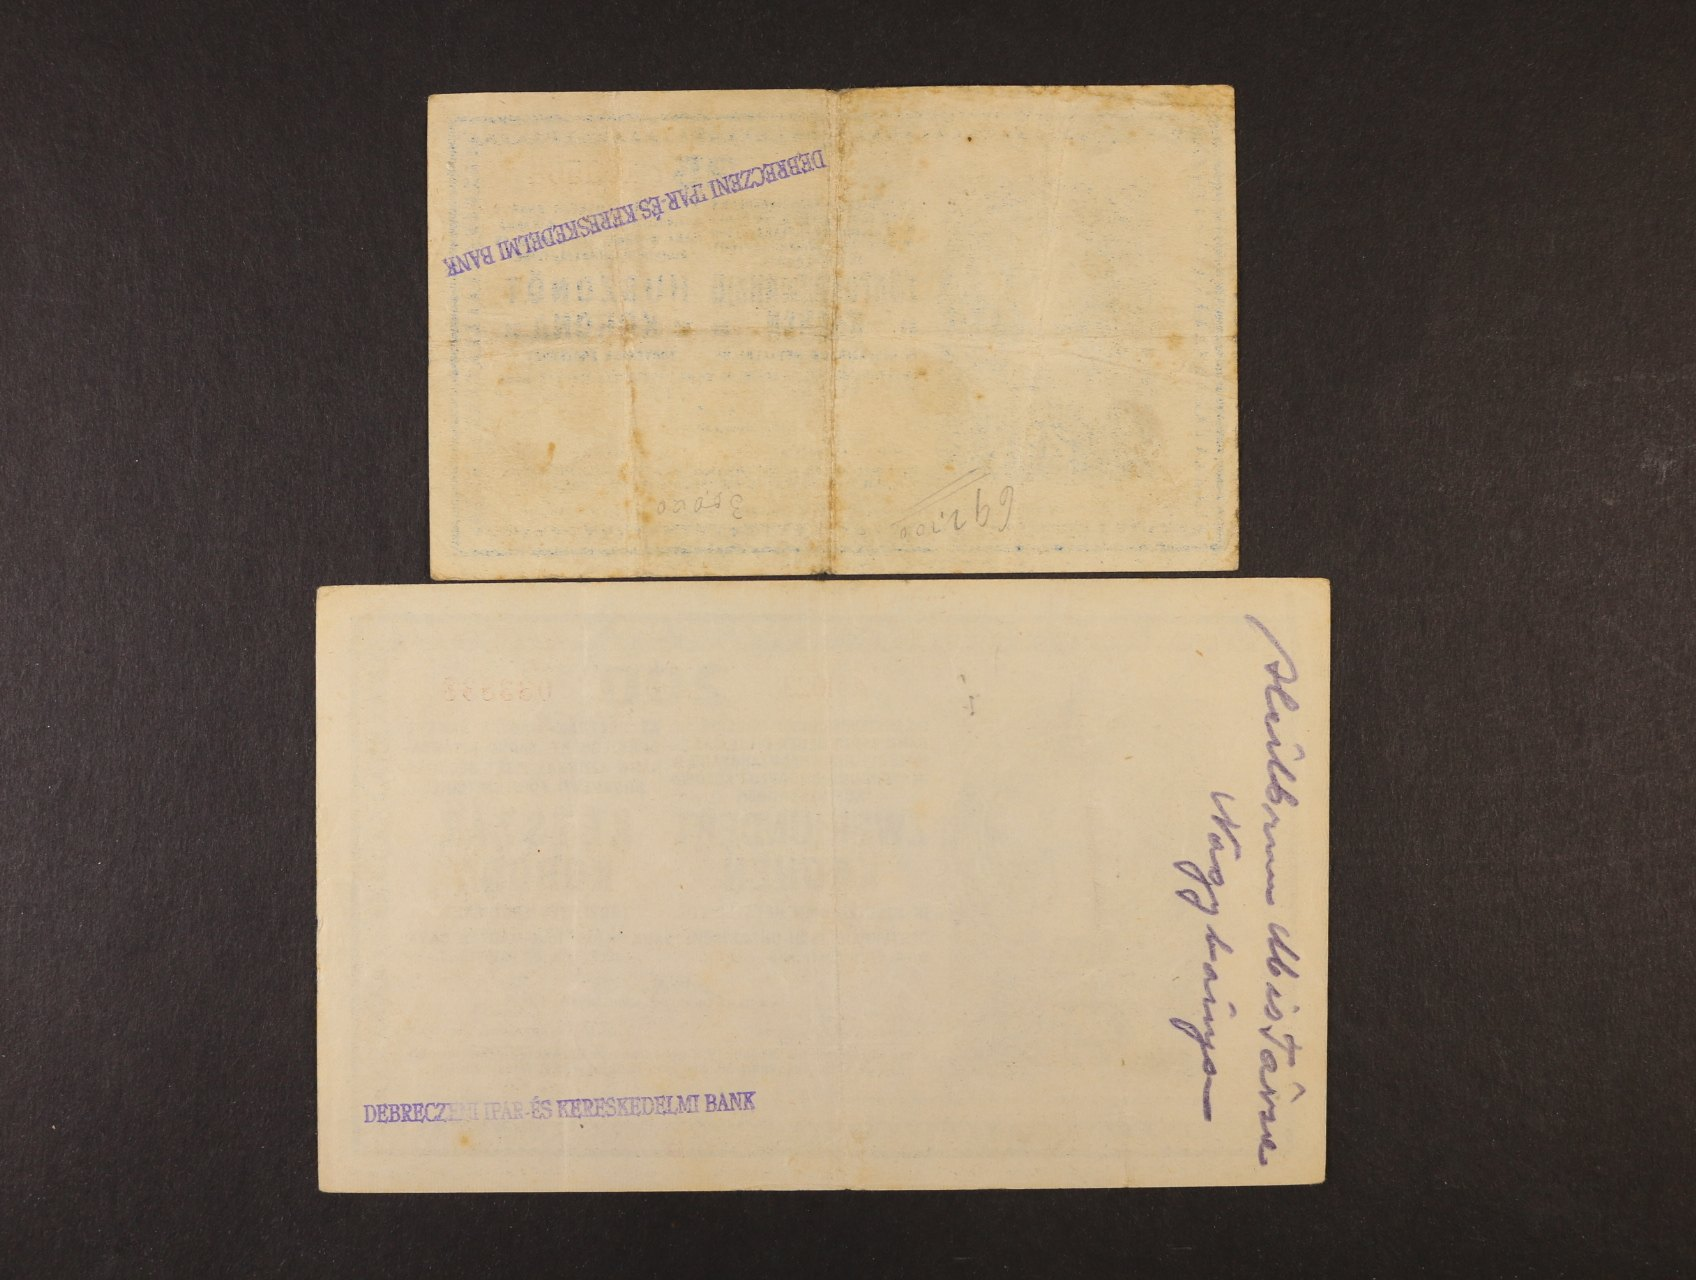 25 K a 200 K 1918 série 3026 a A 1023 bez podtisku na R s maďarským řádkovým raz. na rubové straně z okupace rumunského území